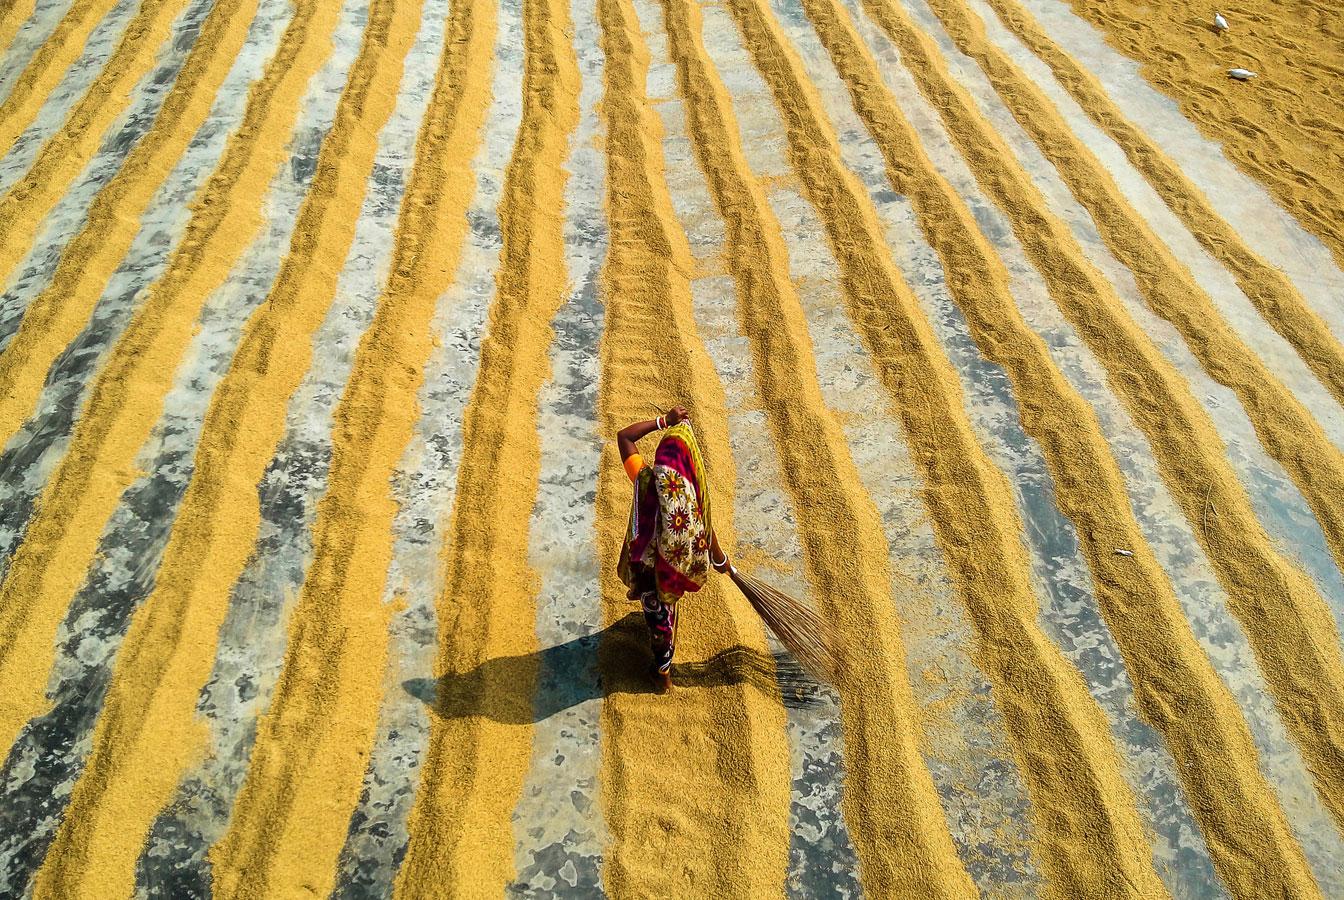 Метла, © Эшануль Сиддик Аранья / Ehsanul Siddiq Aranya, Бангладеш, 1 место в номинации «Мобильная фотография», Фотоконкурс 35AWARDS — 100 Best Photos